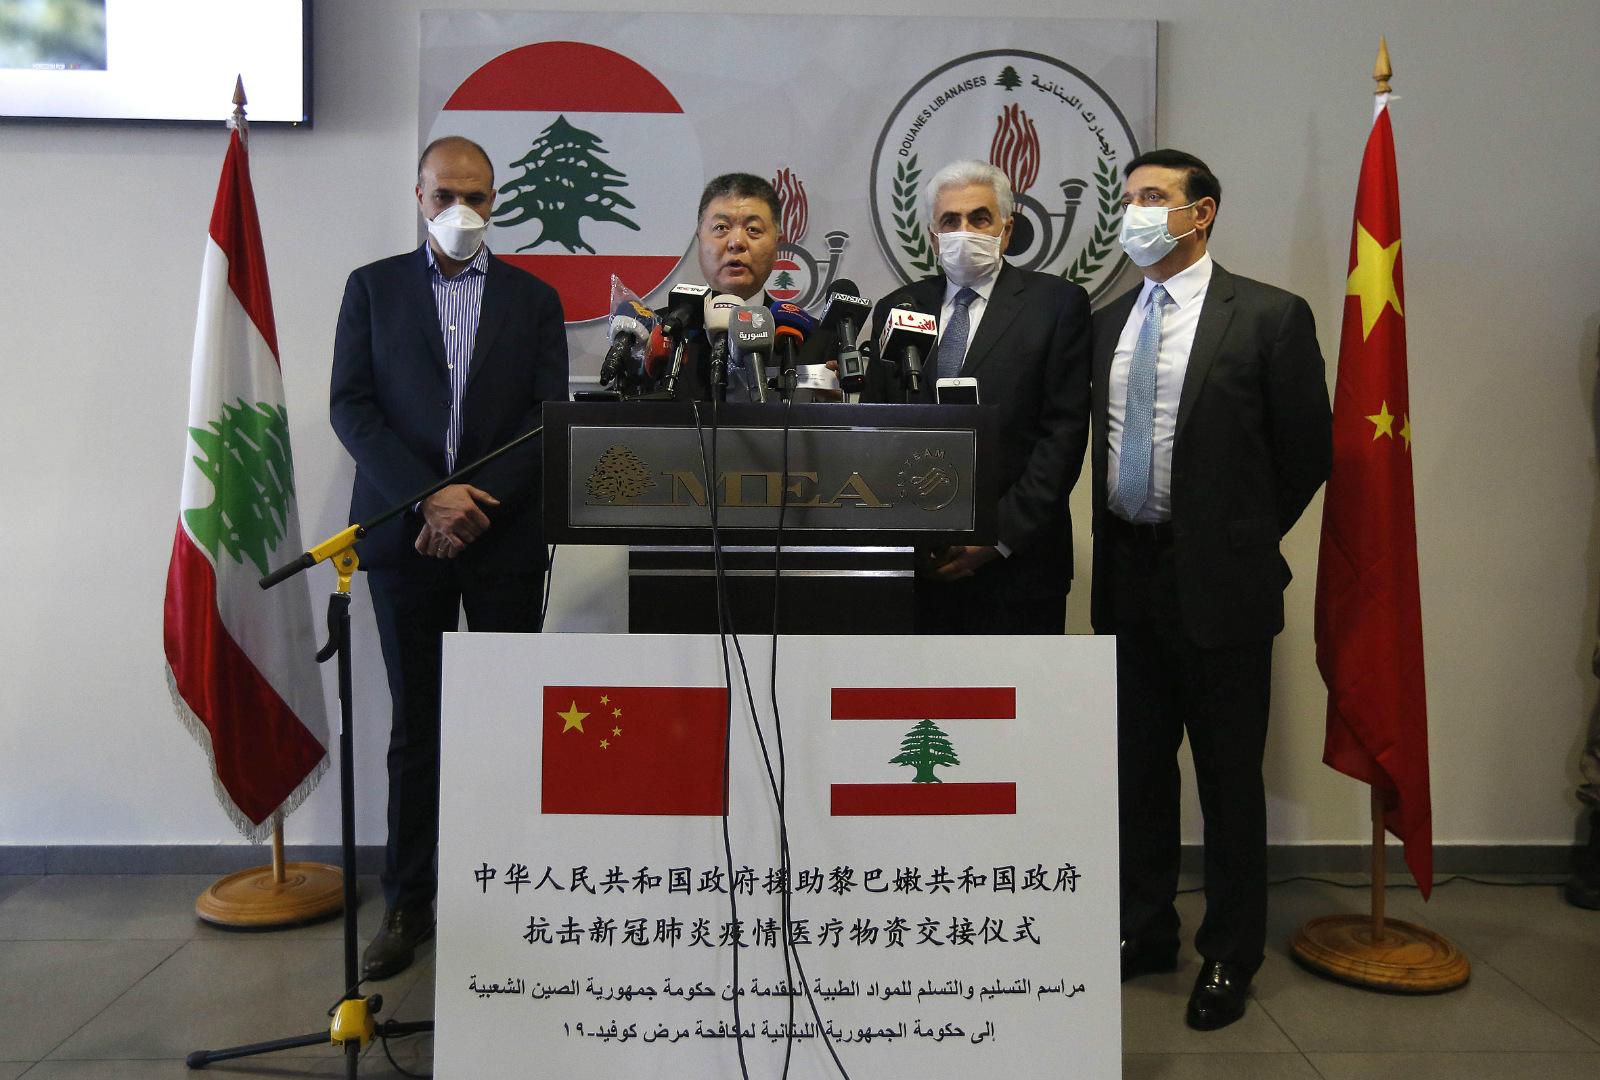 摩天测速:中摩天测速方向黎巴嫩交付抗疫物资援图片